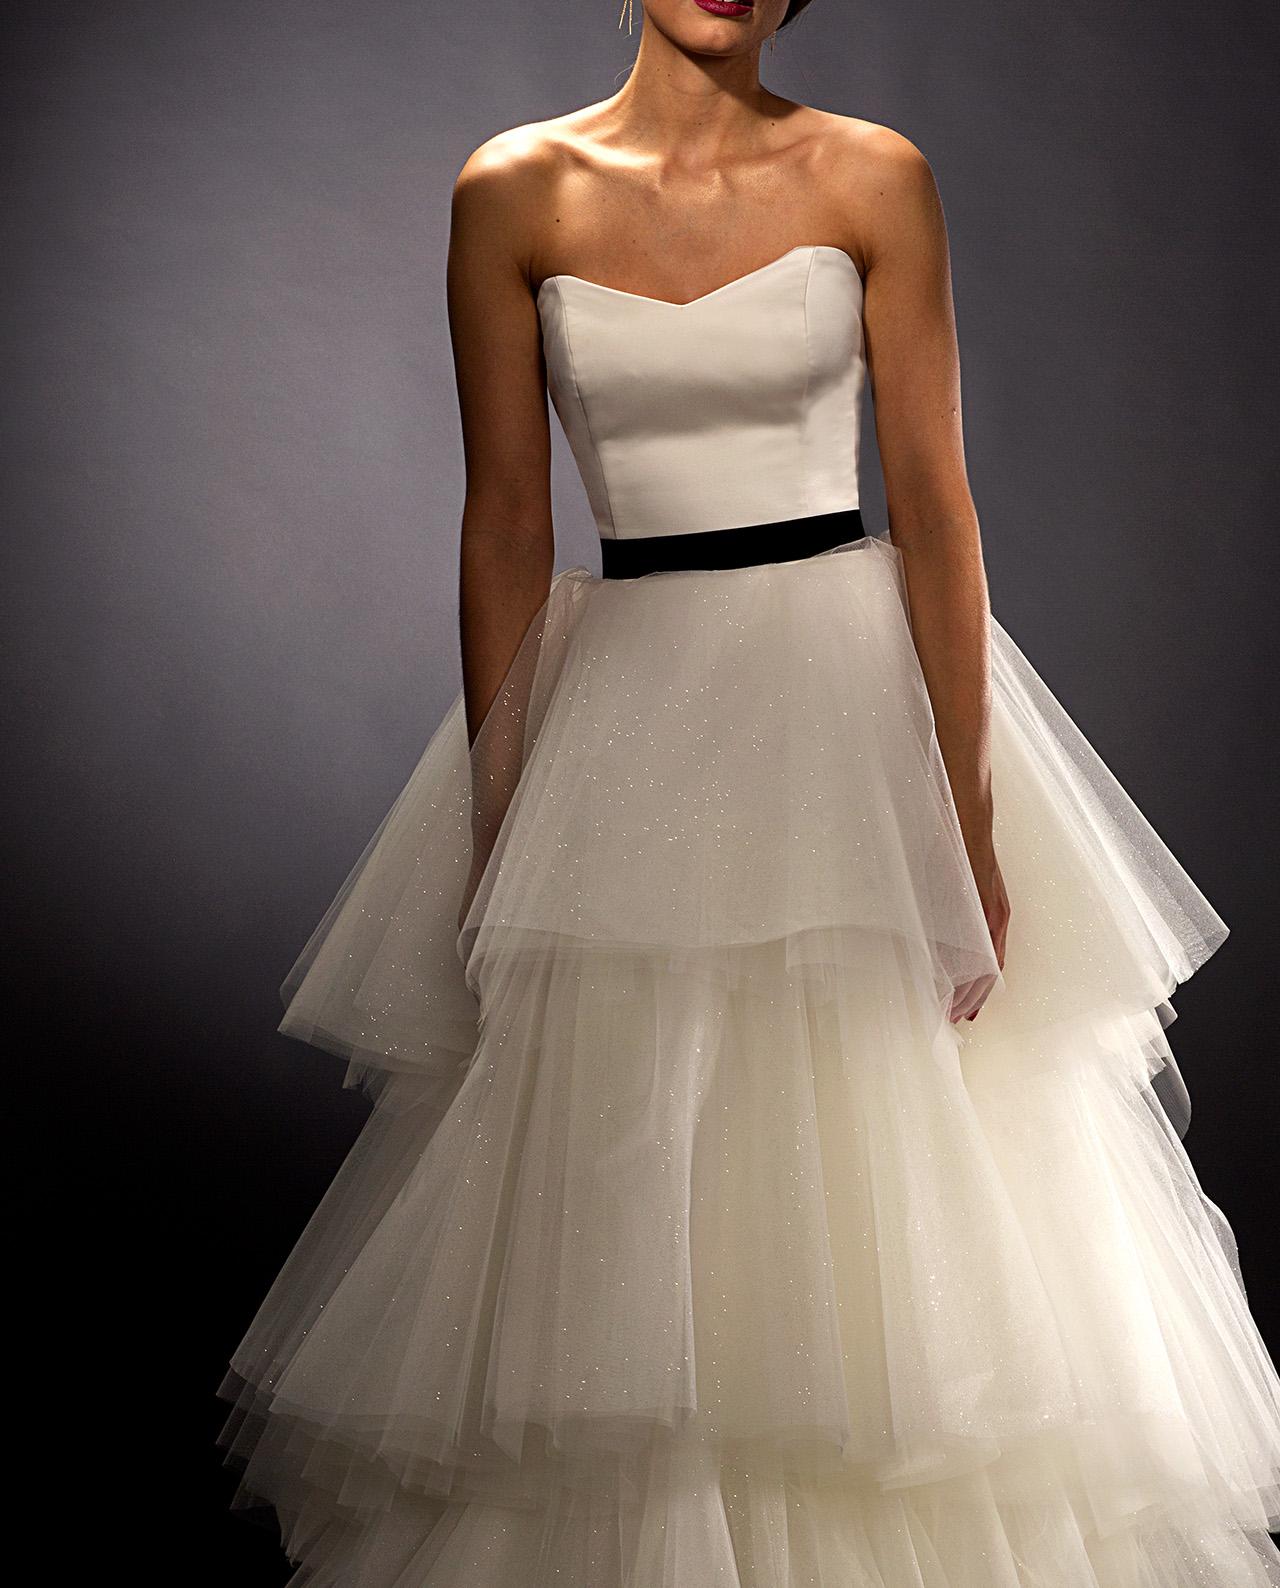 5ecdc2e8f8af Scarlett weddingdress with black plain velvet belt. Weddinggown. Wedding  Accessories. Brudetilbehør. Brudebælte